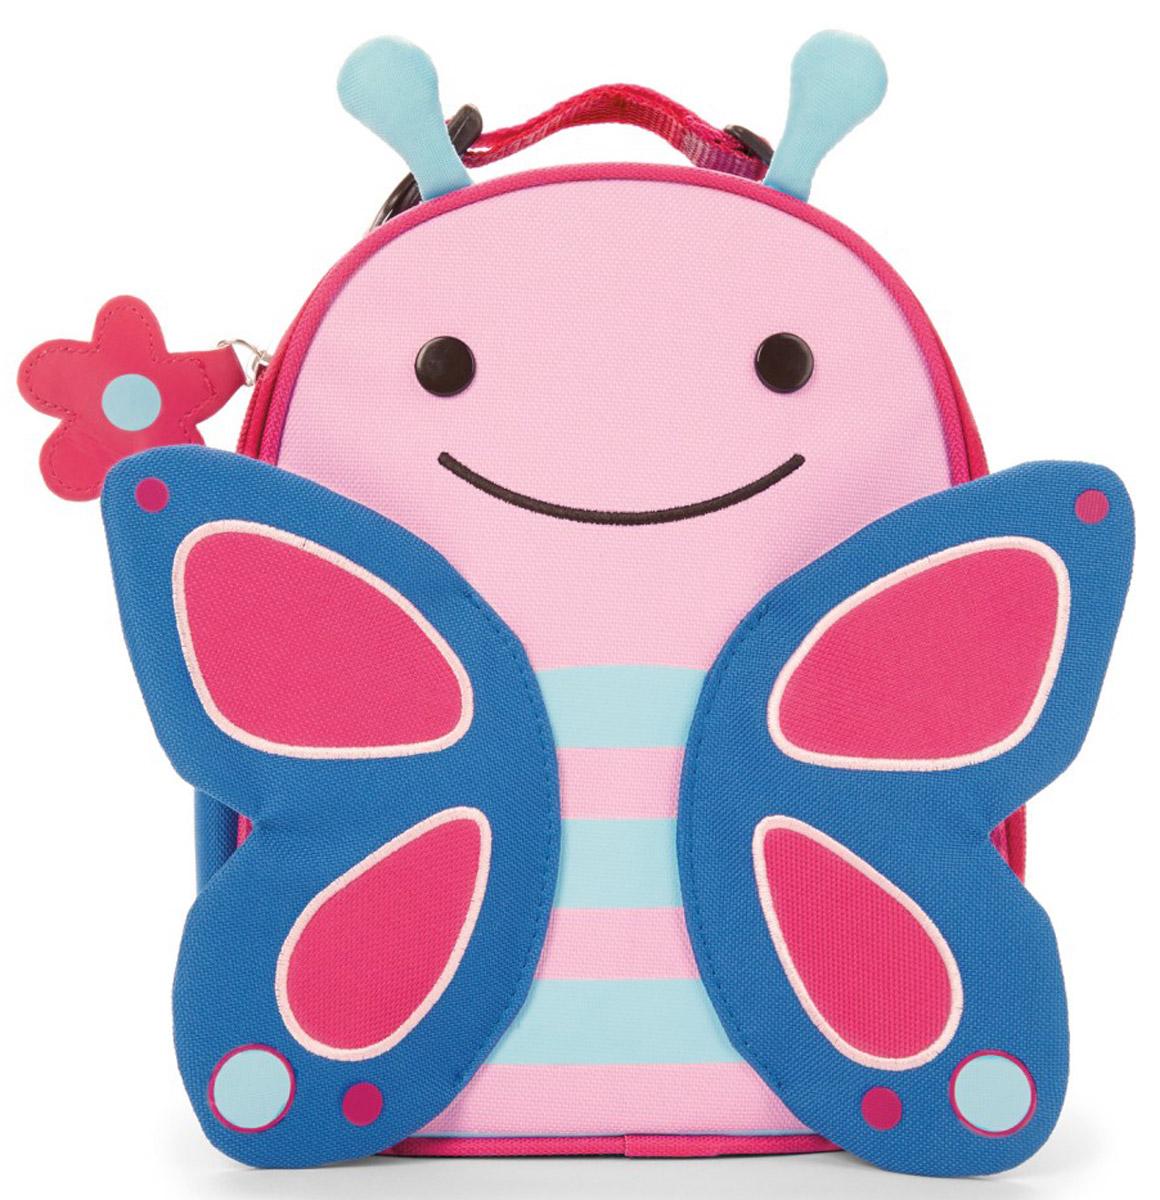 Skip Hop Сумка ланч-бокс детская БабочкаB335170-1Превосходный ланч-бокс Skip Hop Бабочка отлично сохранит свежесть и вкус продуктов для вашего ребёнка. Сумка с одним отделением изготовлена из прочного текстиля. Лицевая сторона декорирована изображением улыбающейся бабочки с крылышками и торчащими усиками. Внутренняя поверхность отделана термоизоляционным материалом, благодаря которому продукты дольше остаются свежими. Изделие закрывается на пластиковую застежку-молнию с удобным держателем на бегунке. Внутри имеется сетчатый карман для хранения аксессуаров и текстильная нашивка для записи имени владельца сумки. Ланч-бокс дополнен удобной текстильной ручкой с регулируемой длиной и пластиковым карабином. Такая сумка ланч-бокс пригодится везде: на прогулке, во время учебы, на отдыхе, во время путешествий.